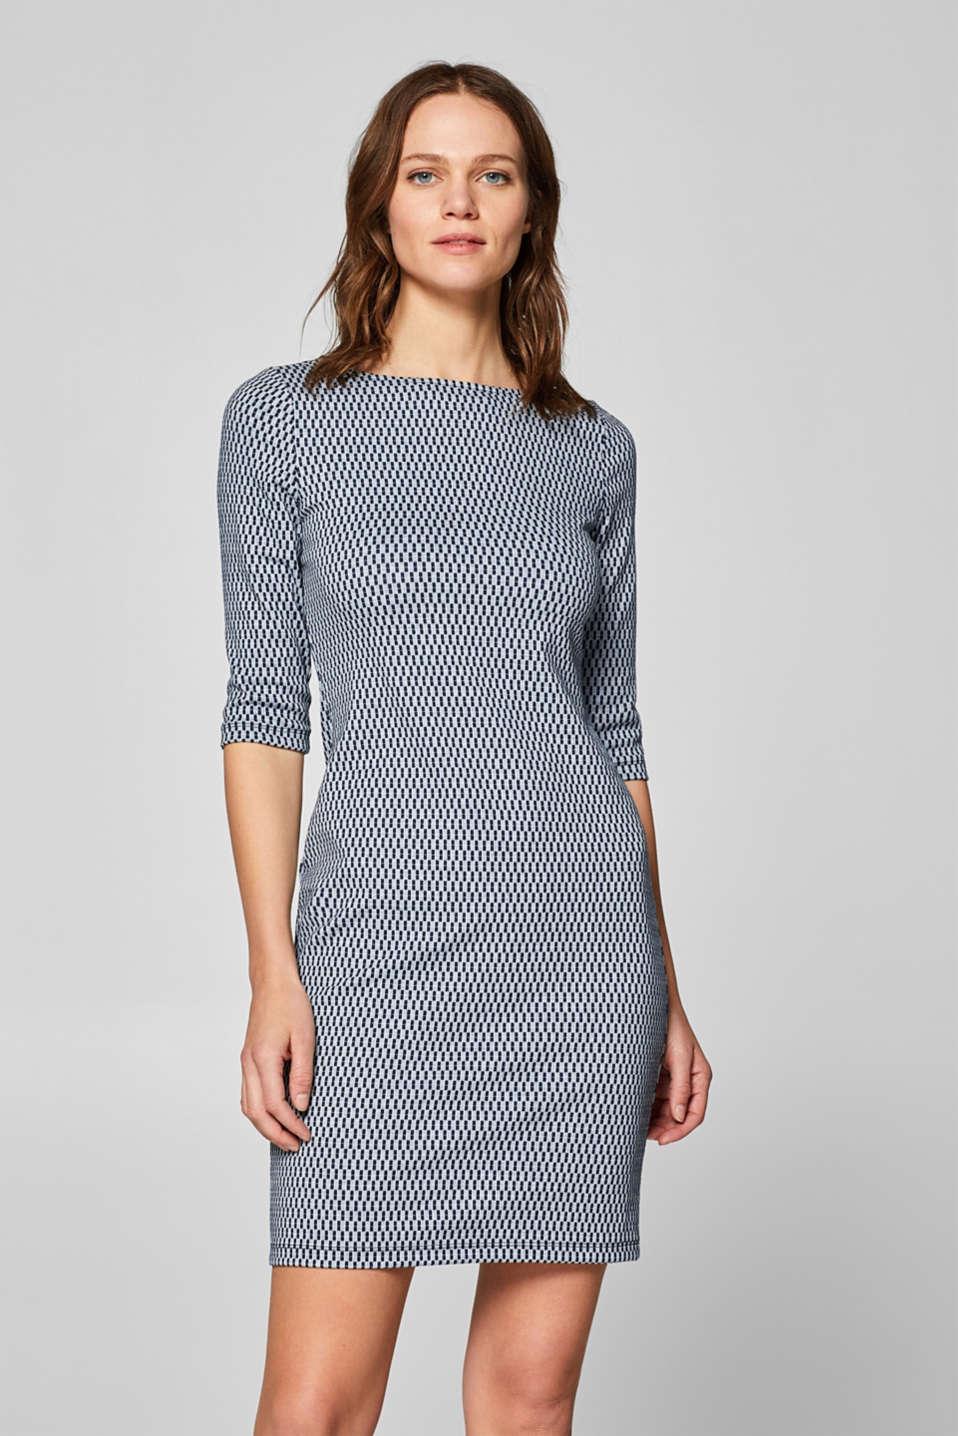 Jacquard Kaufen Im Esprit Online Etui Aus Jersey Kleid Shop qSUMVzp